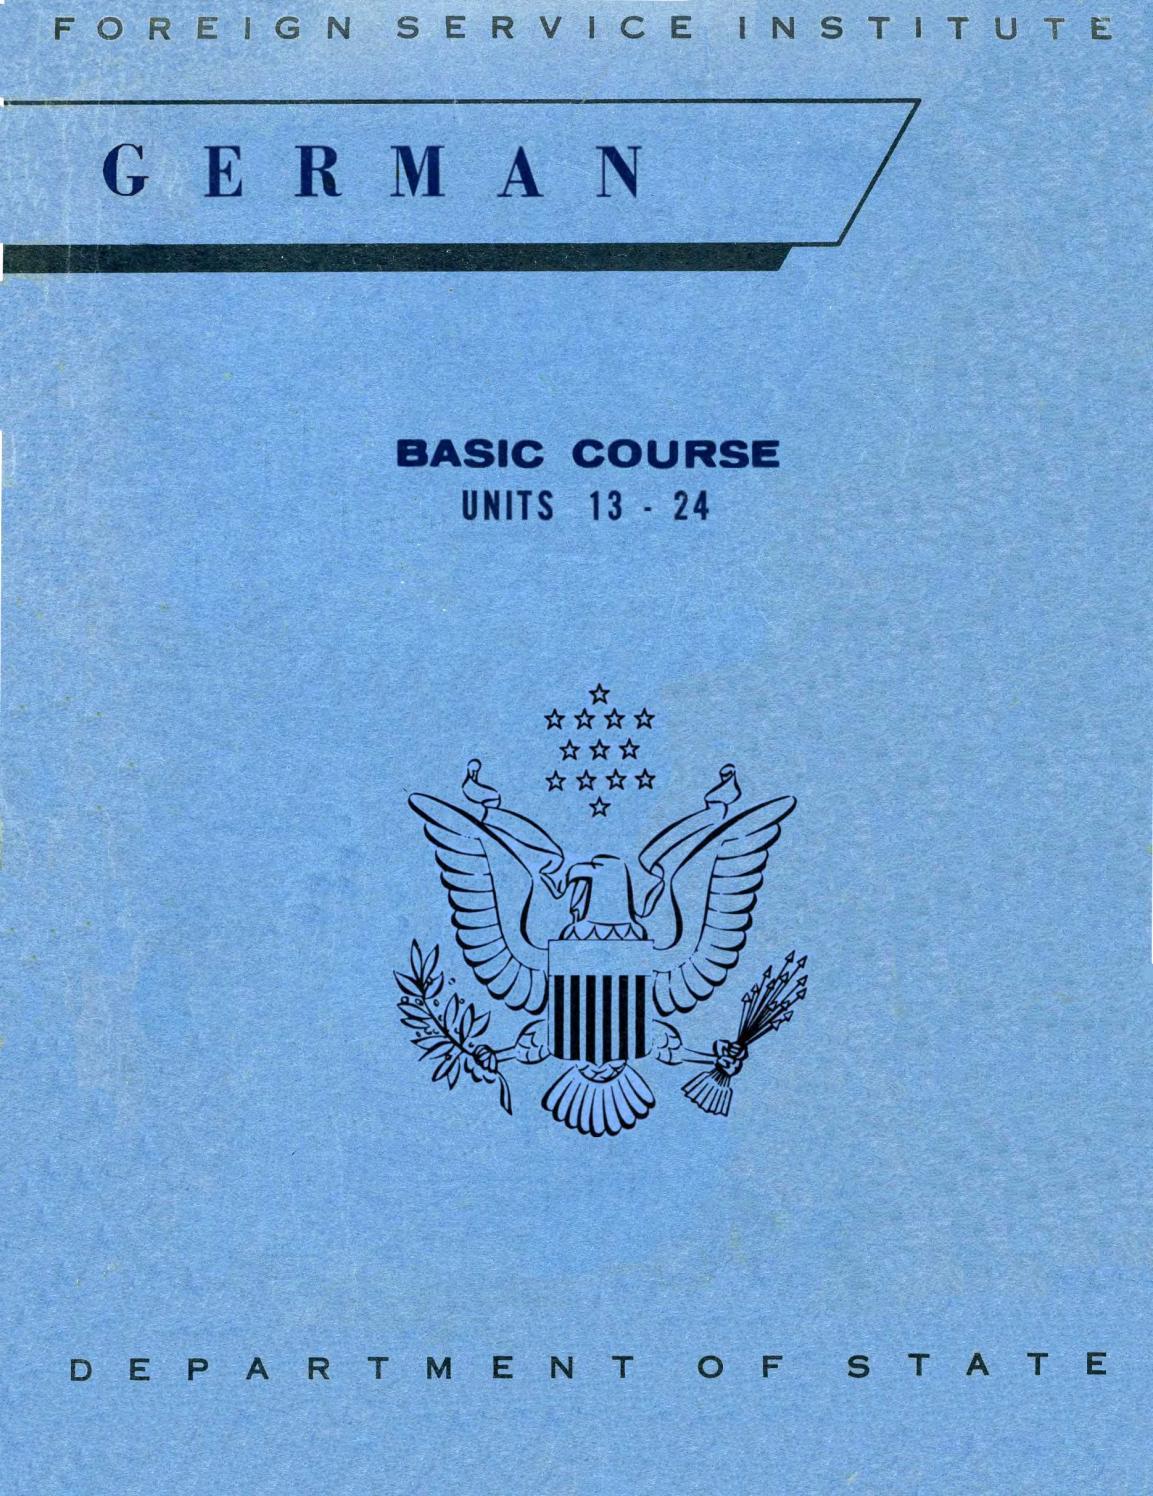 Basic Course Units 13 24 By Ybalja Issuu